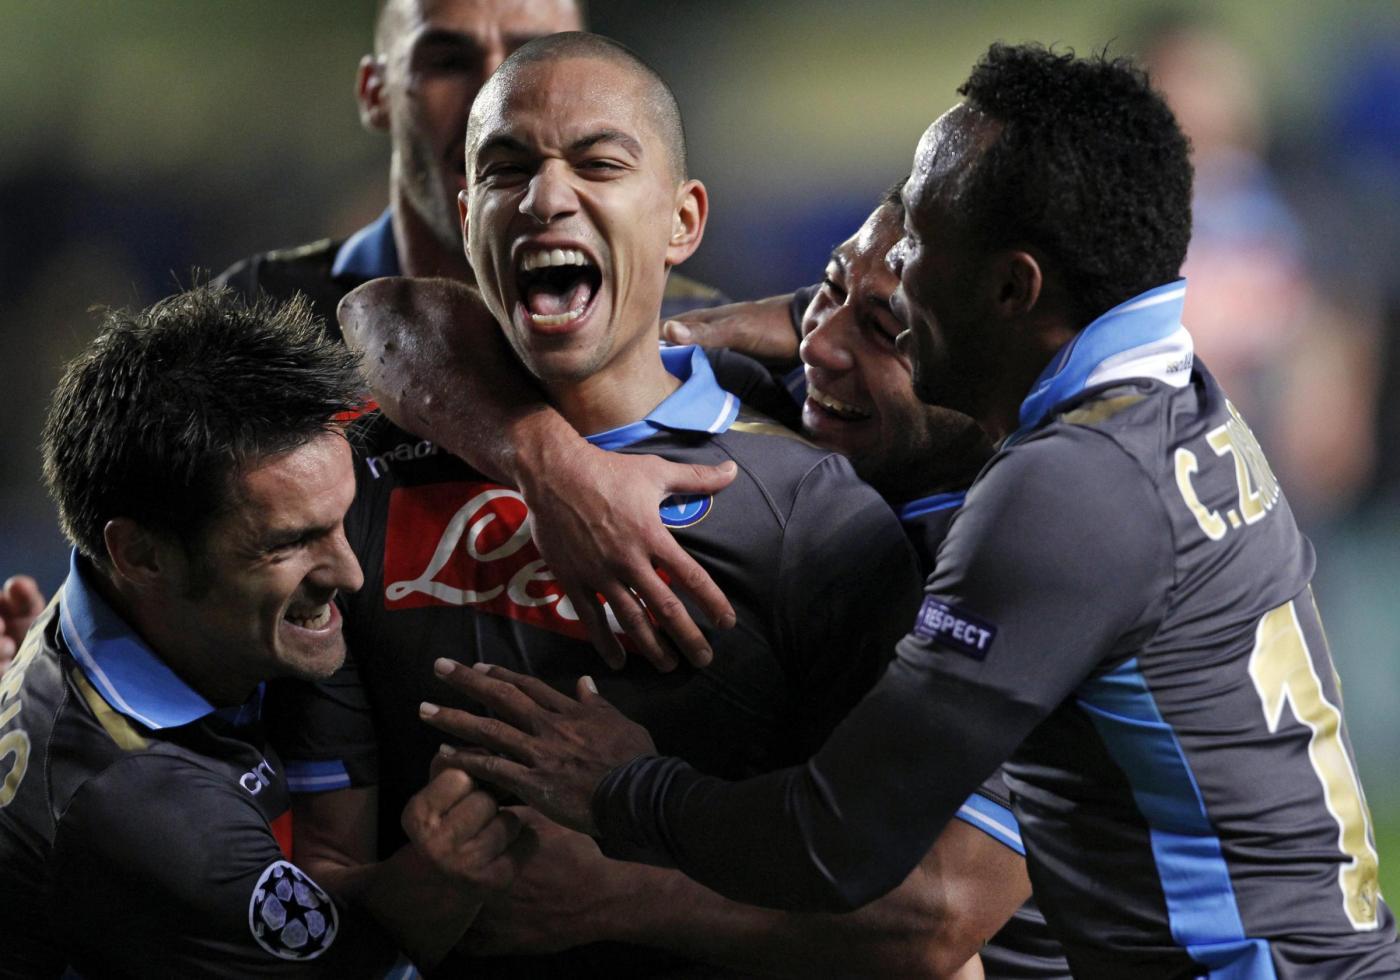 Ascolti tv mercoledì 7 dicembre 2011: vince Villareal-Napoli